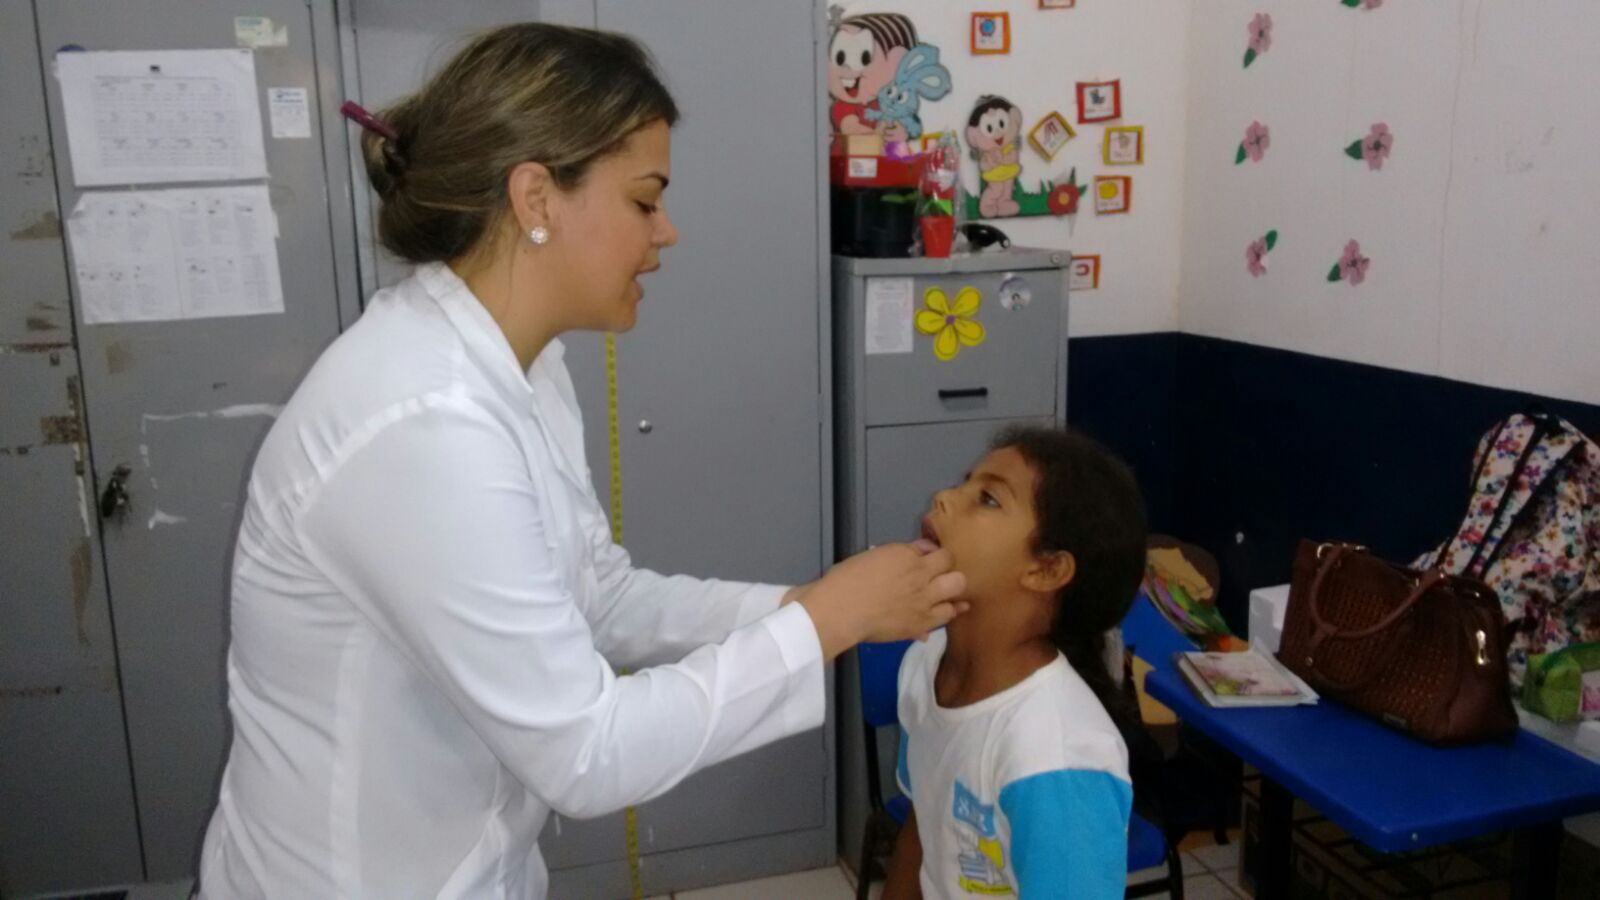 Equipes da saúde estão percorrendo as Escolas Municipais de São José de Ribamar e atuando junto aos alunos.